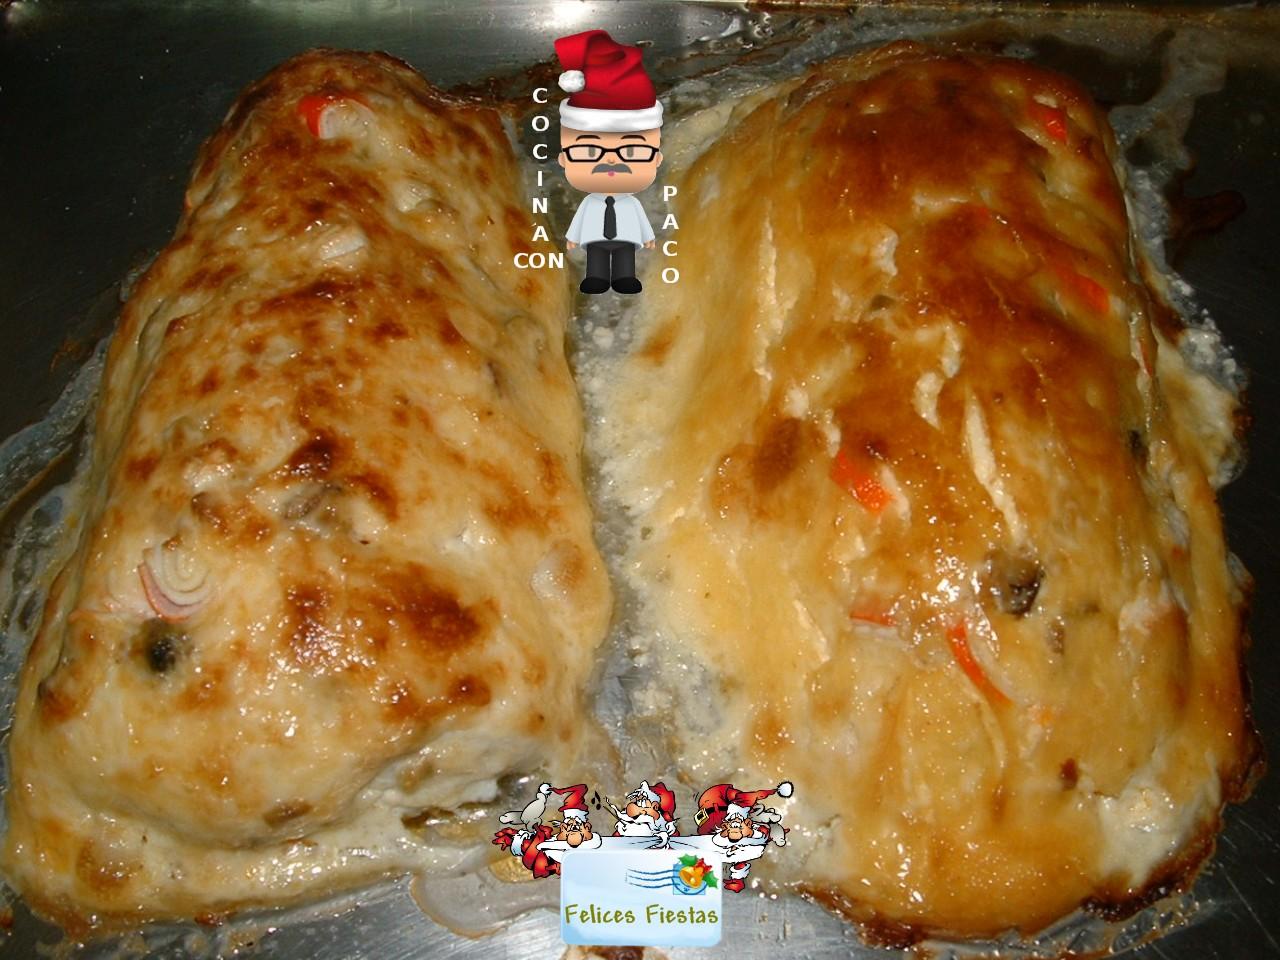 Cocina con paco merluza rellena for Merluza rellena al horno